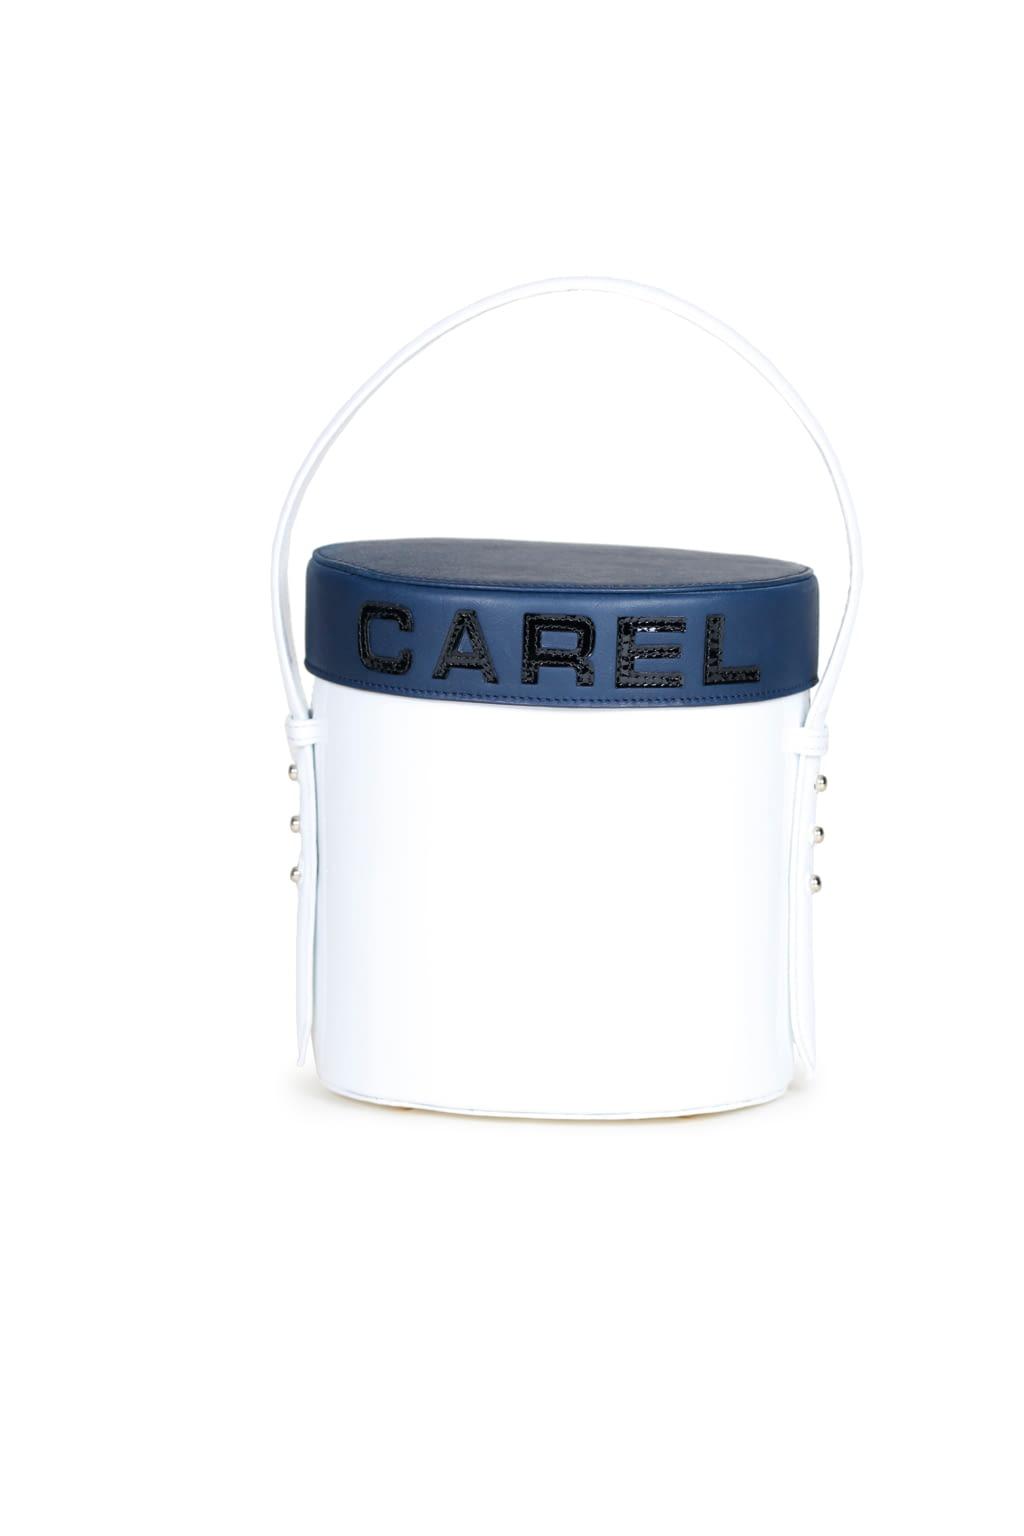 Fashion Week Paris Spring/Summer 2020 look 32 de la collection Carel womenswear accessories